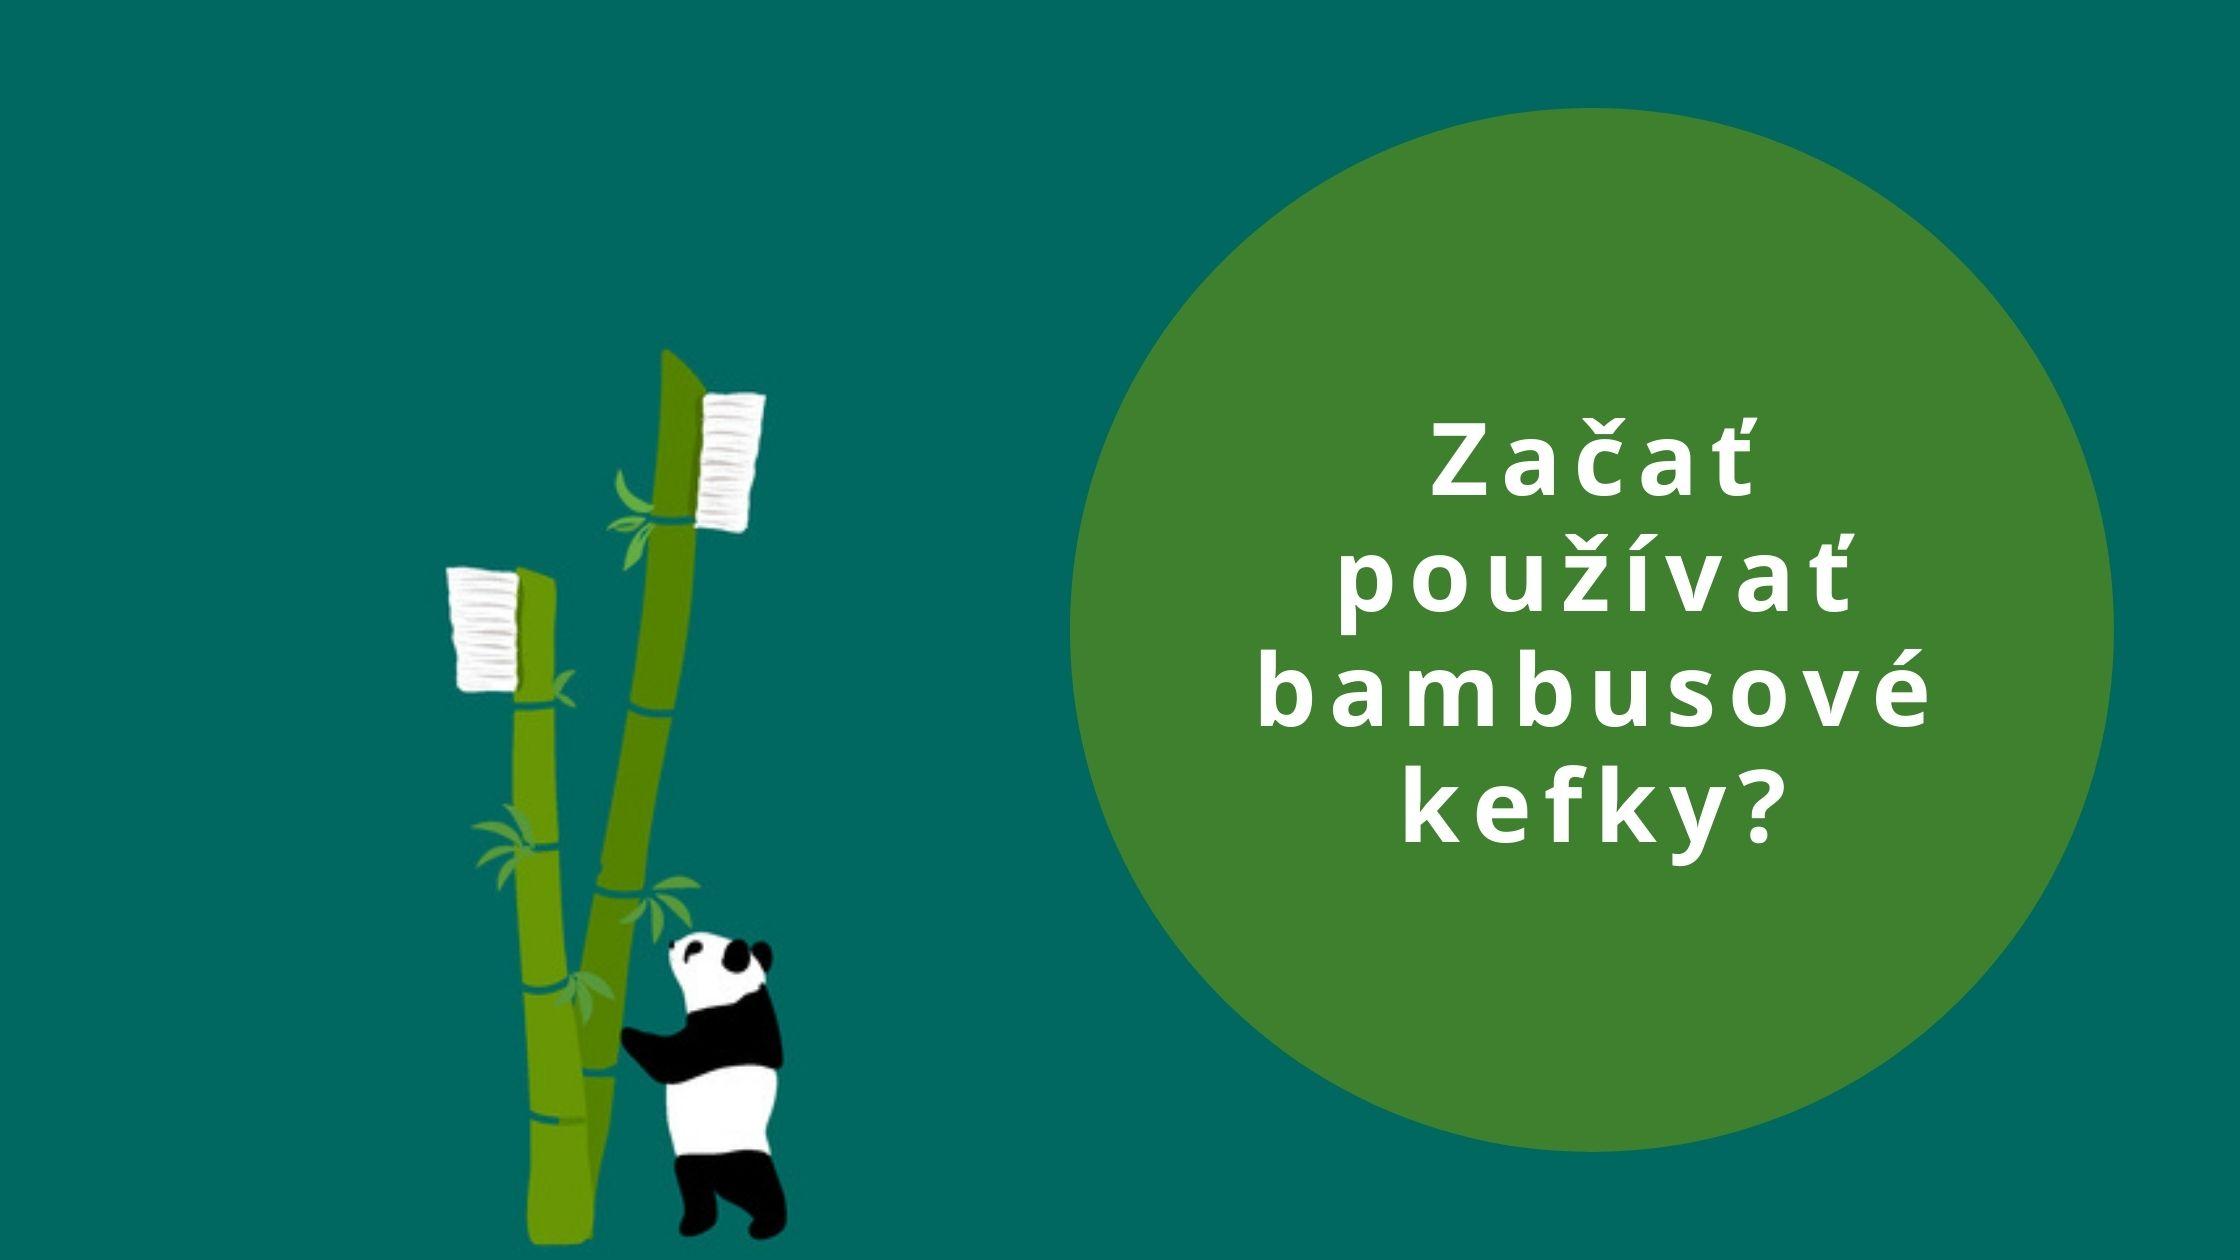 Začať používať bambusové kefky?